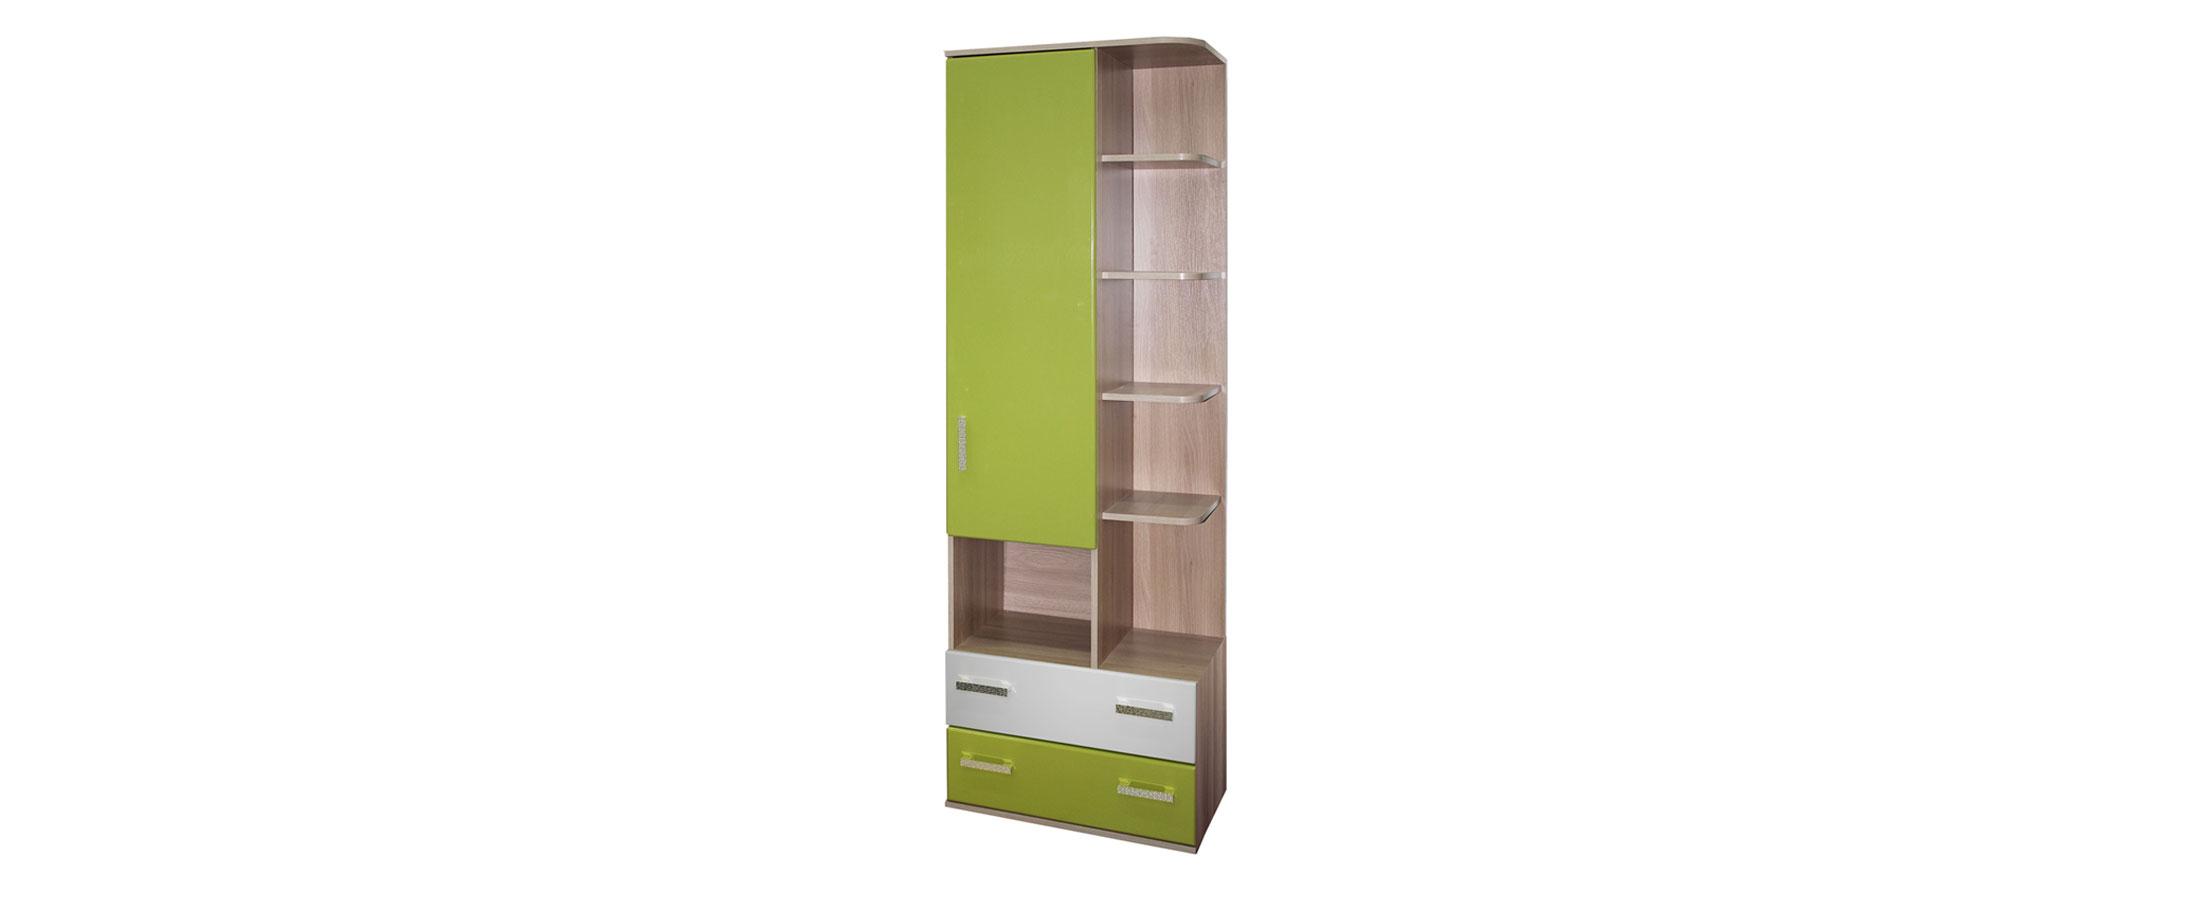 Шкаф открытый Дебют-2 Модель 507 от MOON TRADE